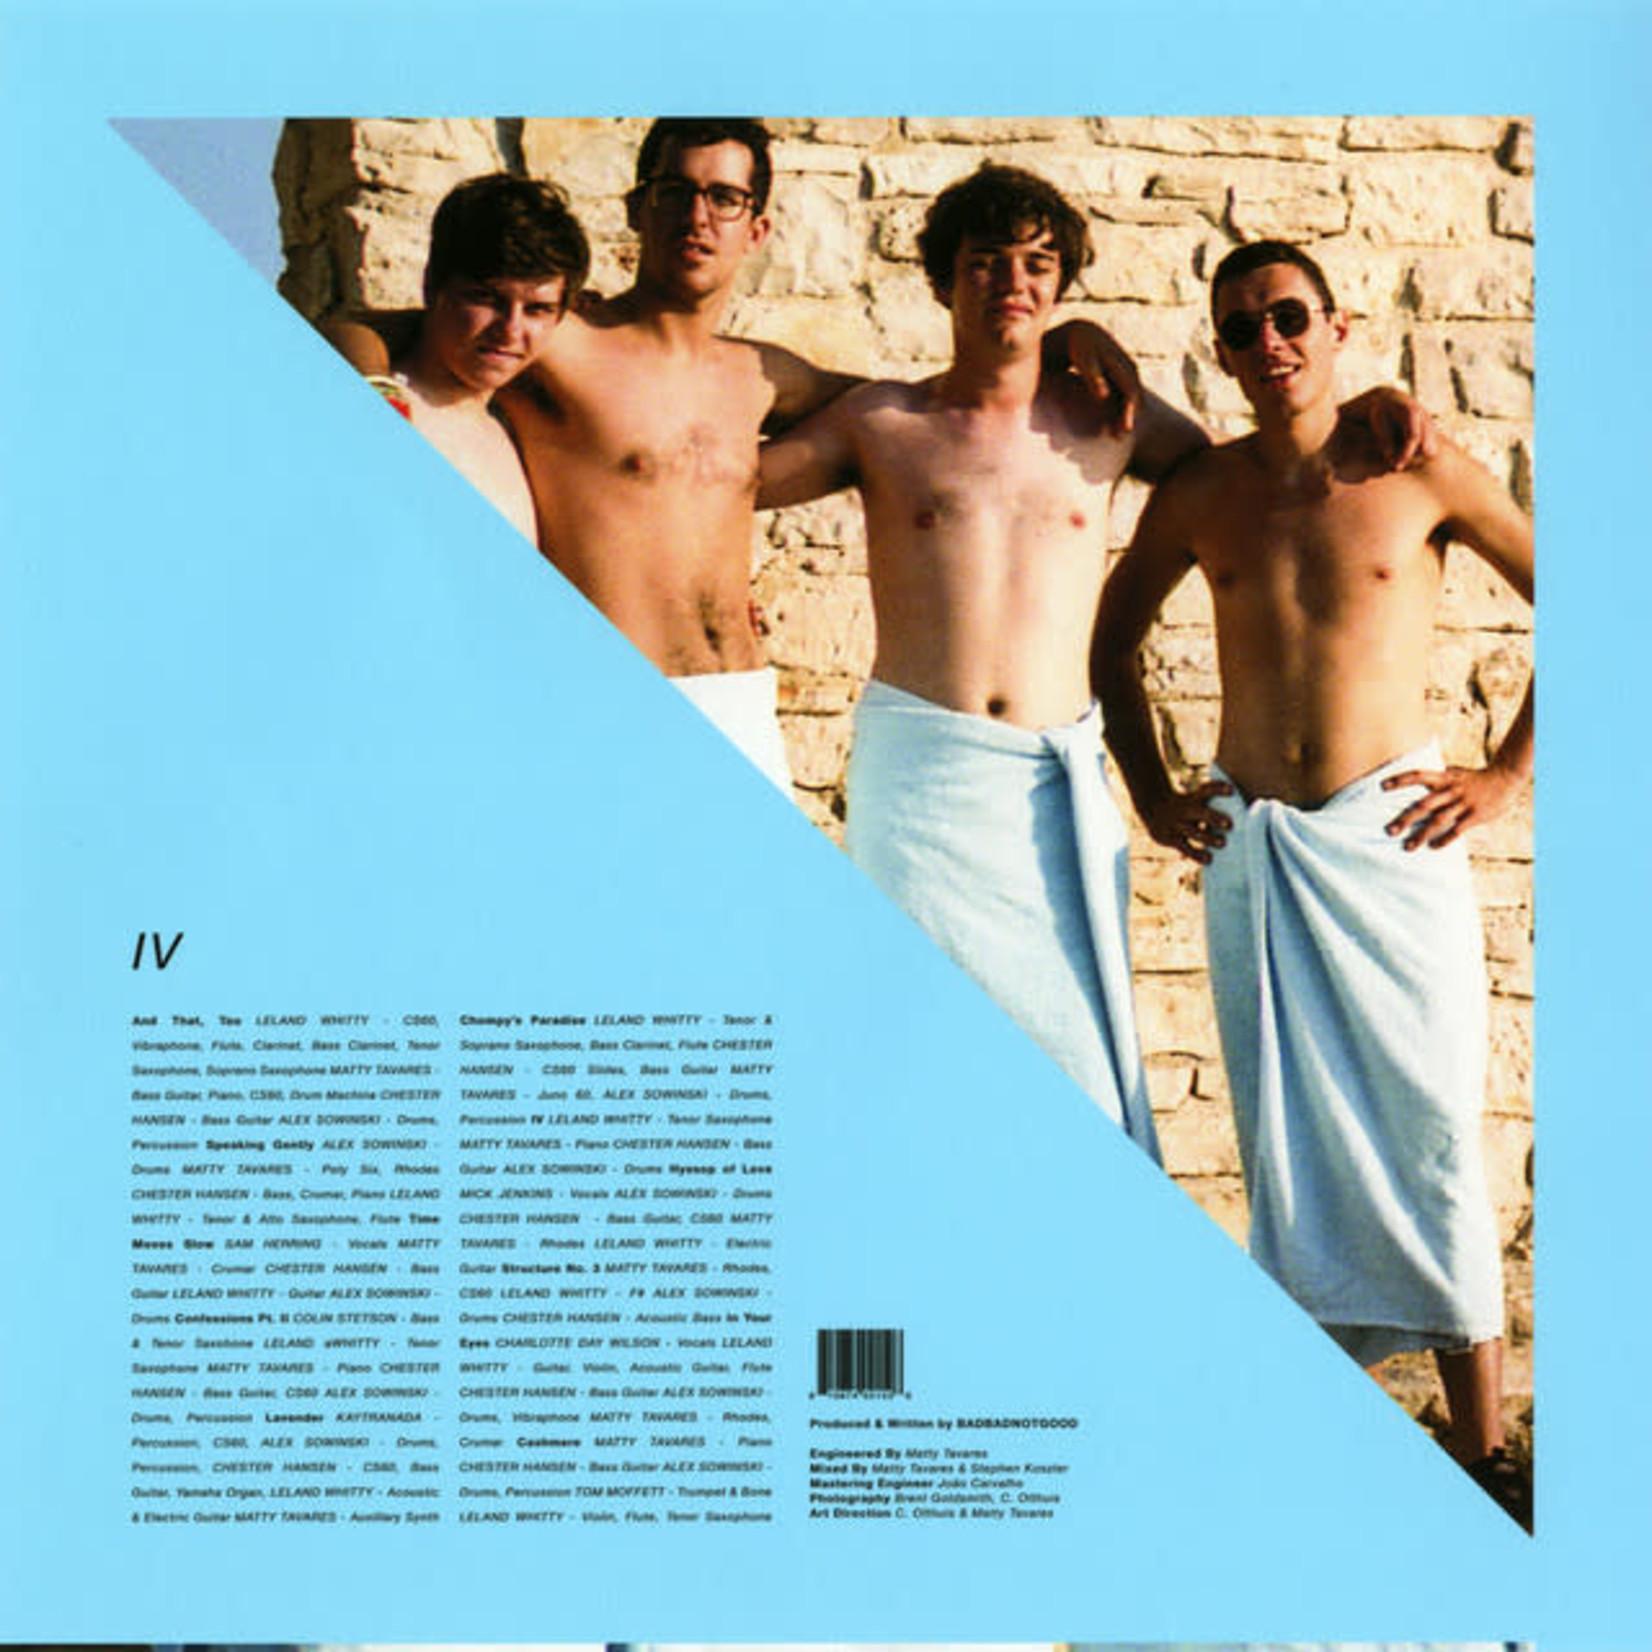 Vinyl BADBADNOTGOOD - IV